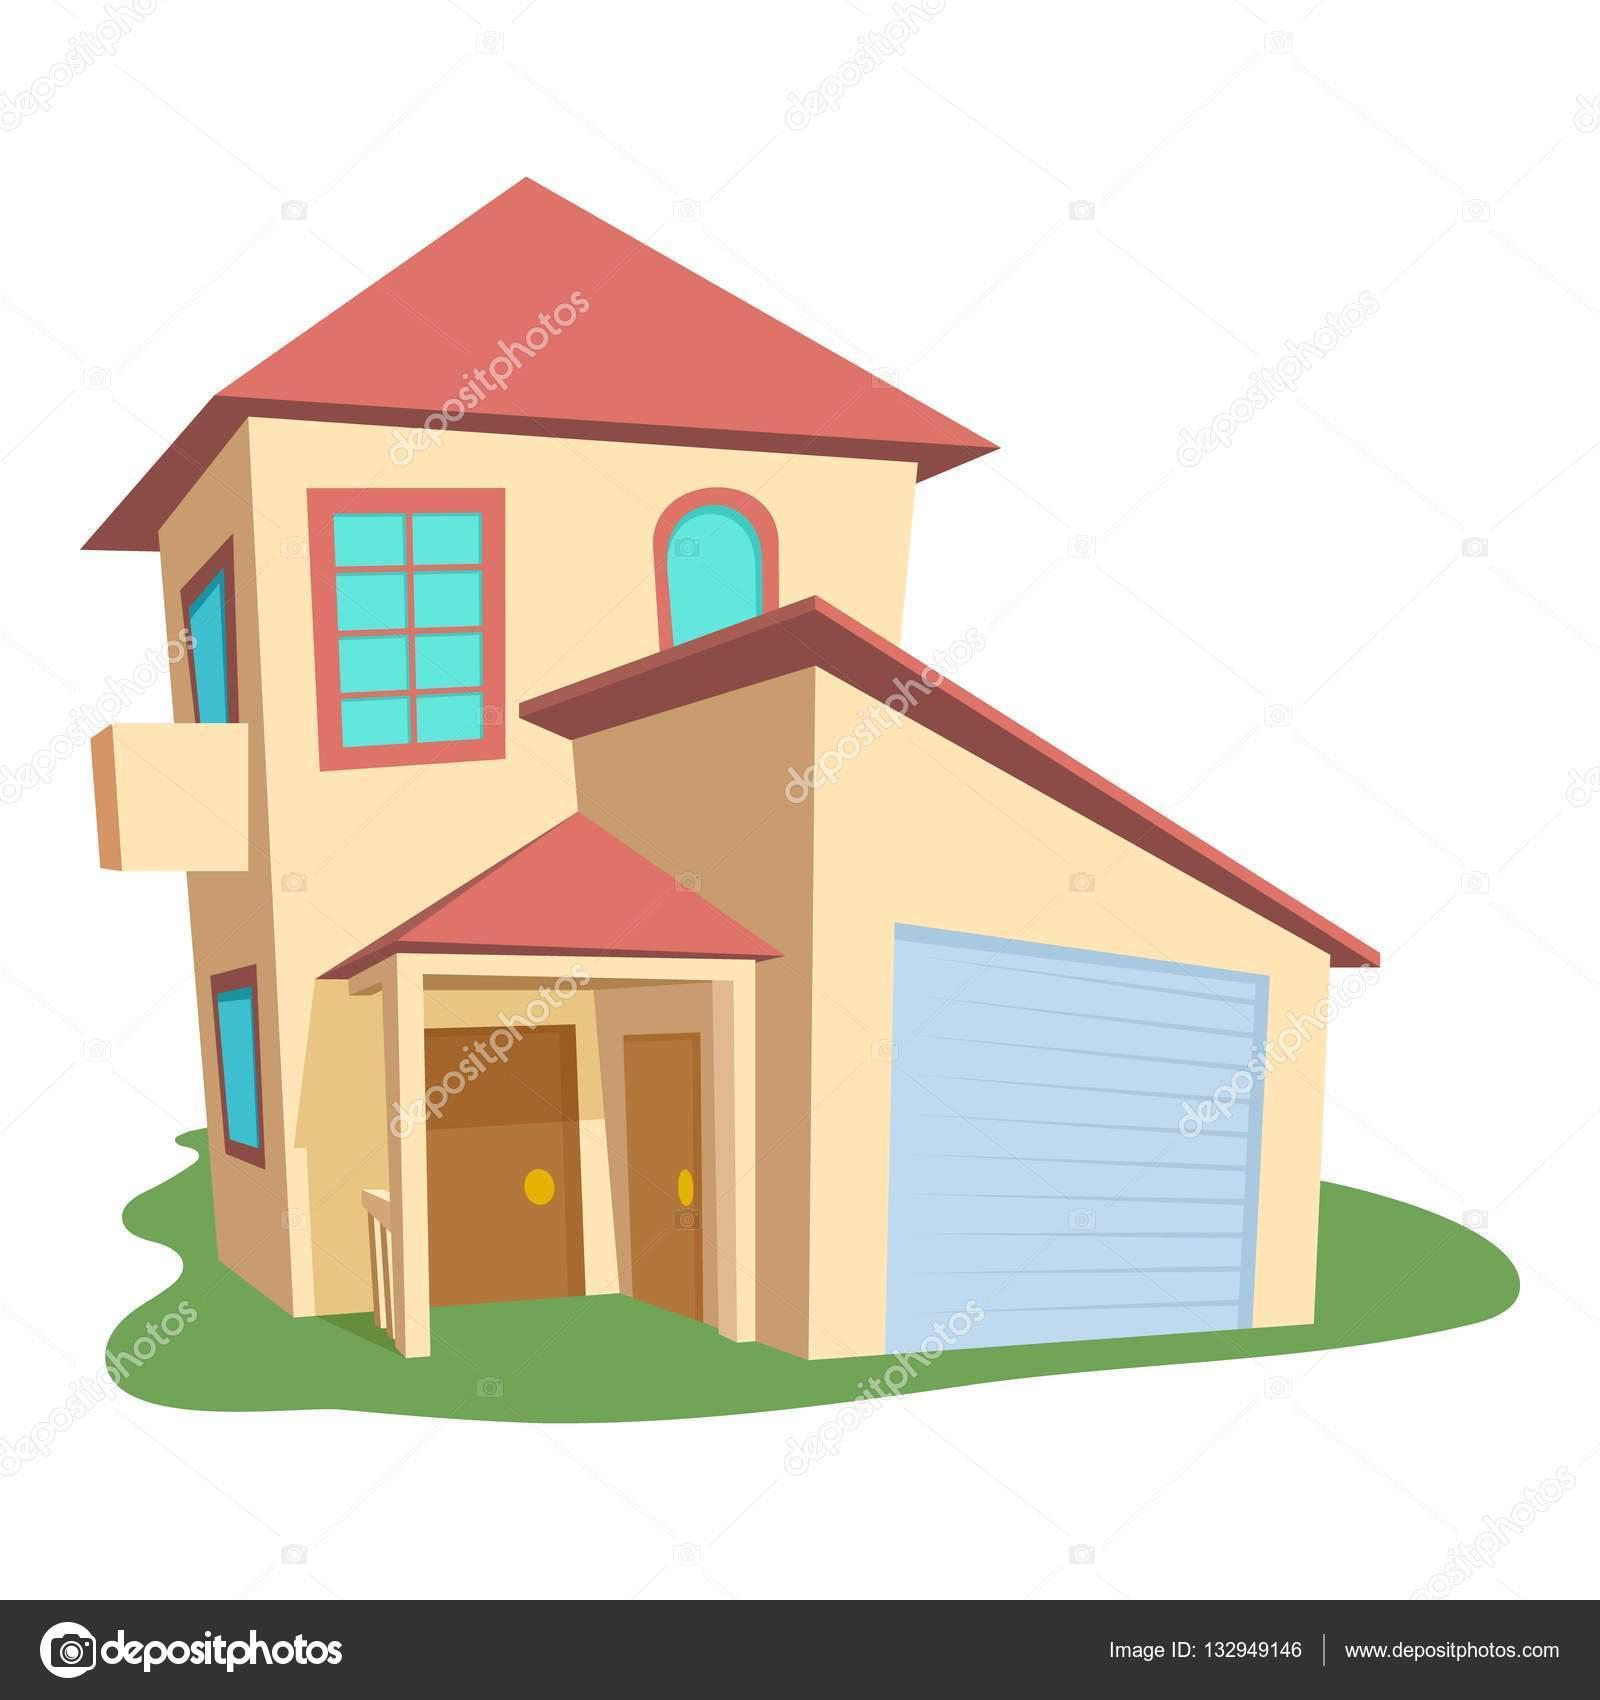 Icono de la casa moderna, estilo de dibujos animados — Archivo ...